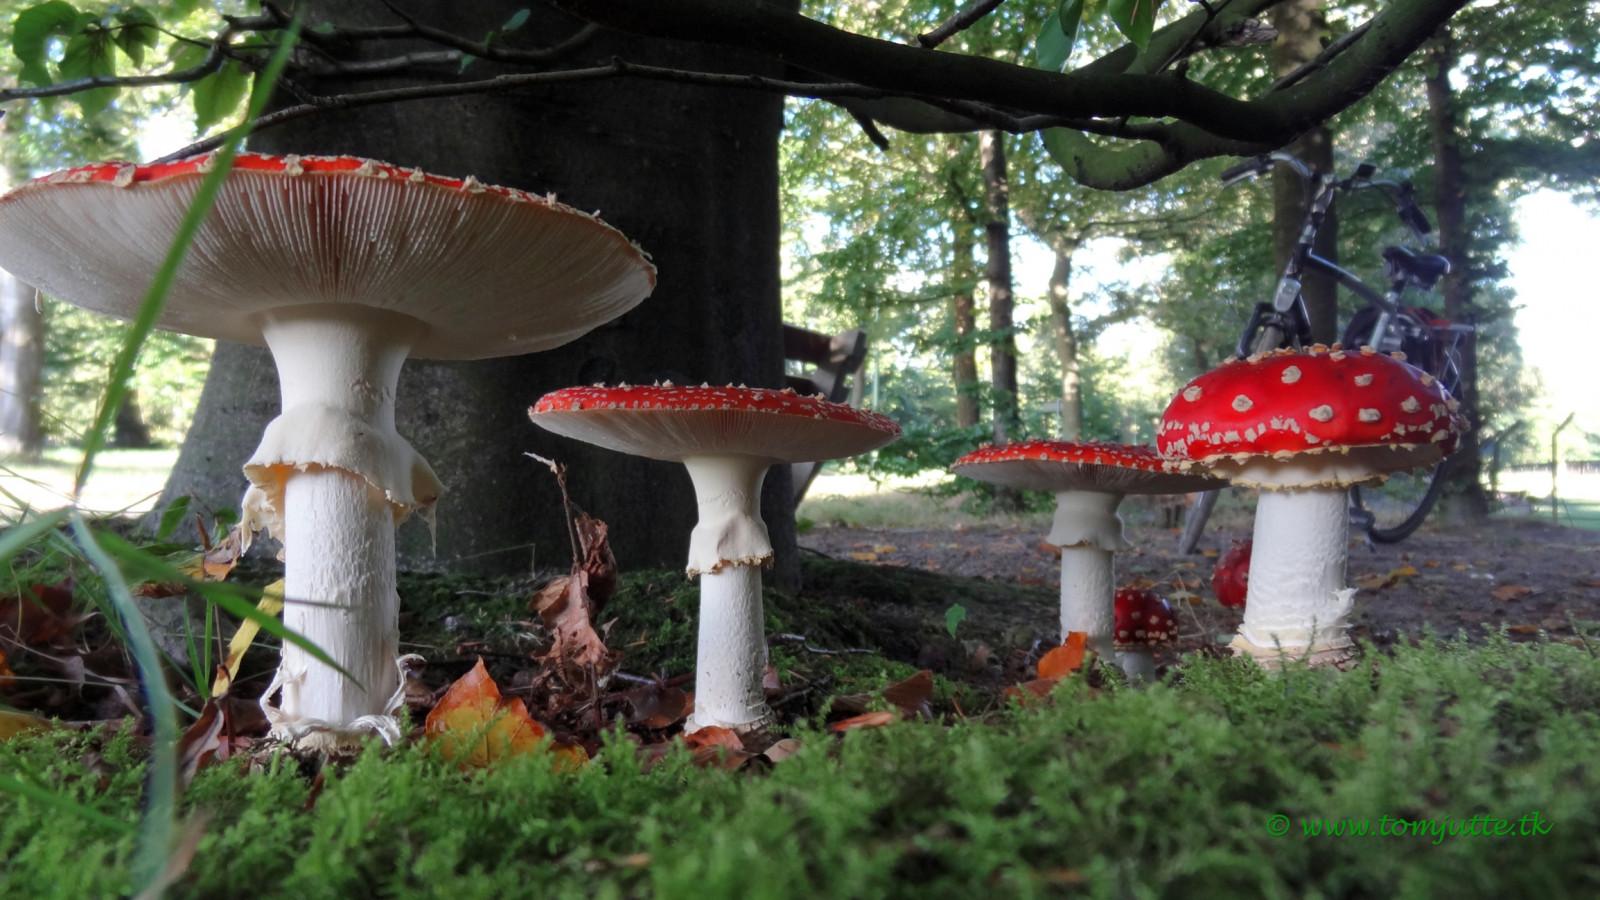 Hintergrundbilder fallen garten kinder pilz sony niederlande europa niederl nder - Garten baum fallen ...